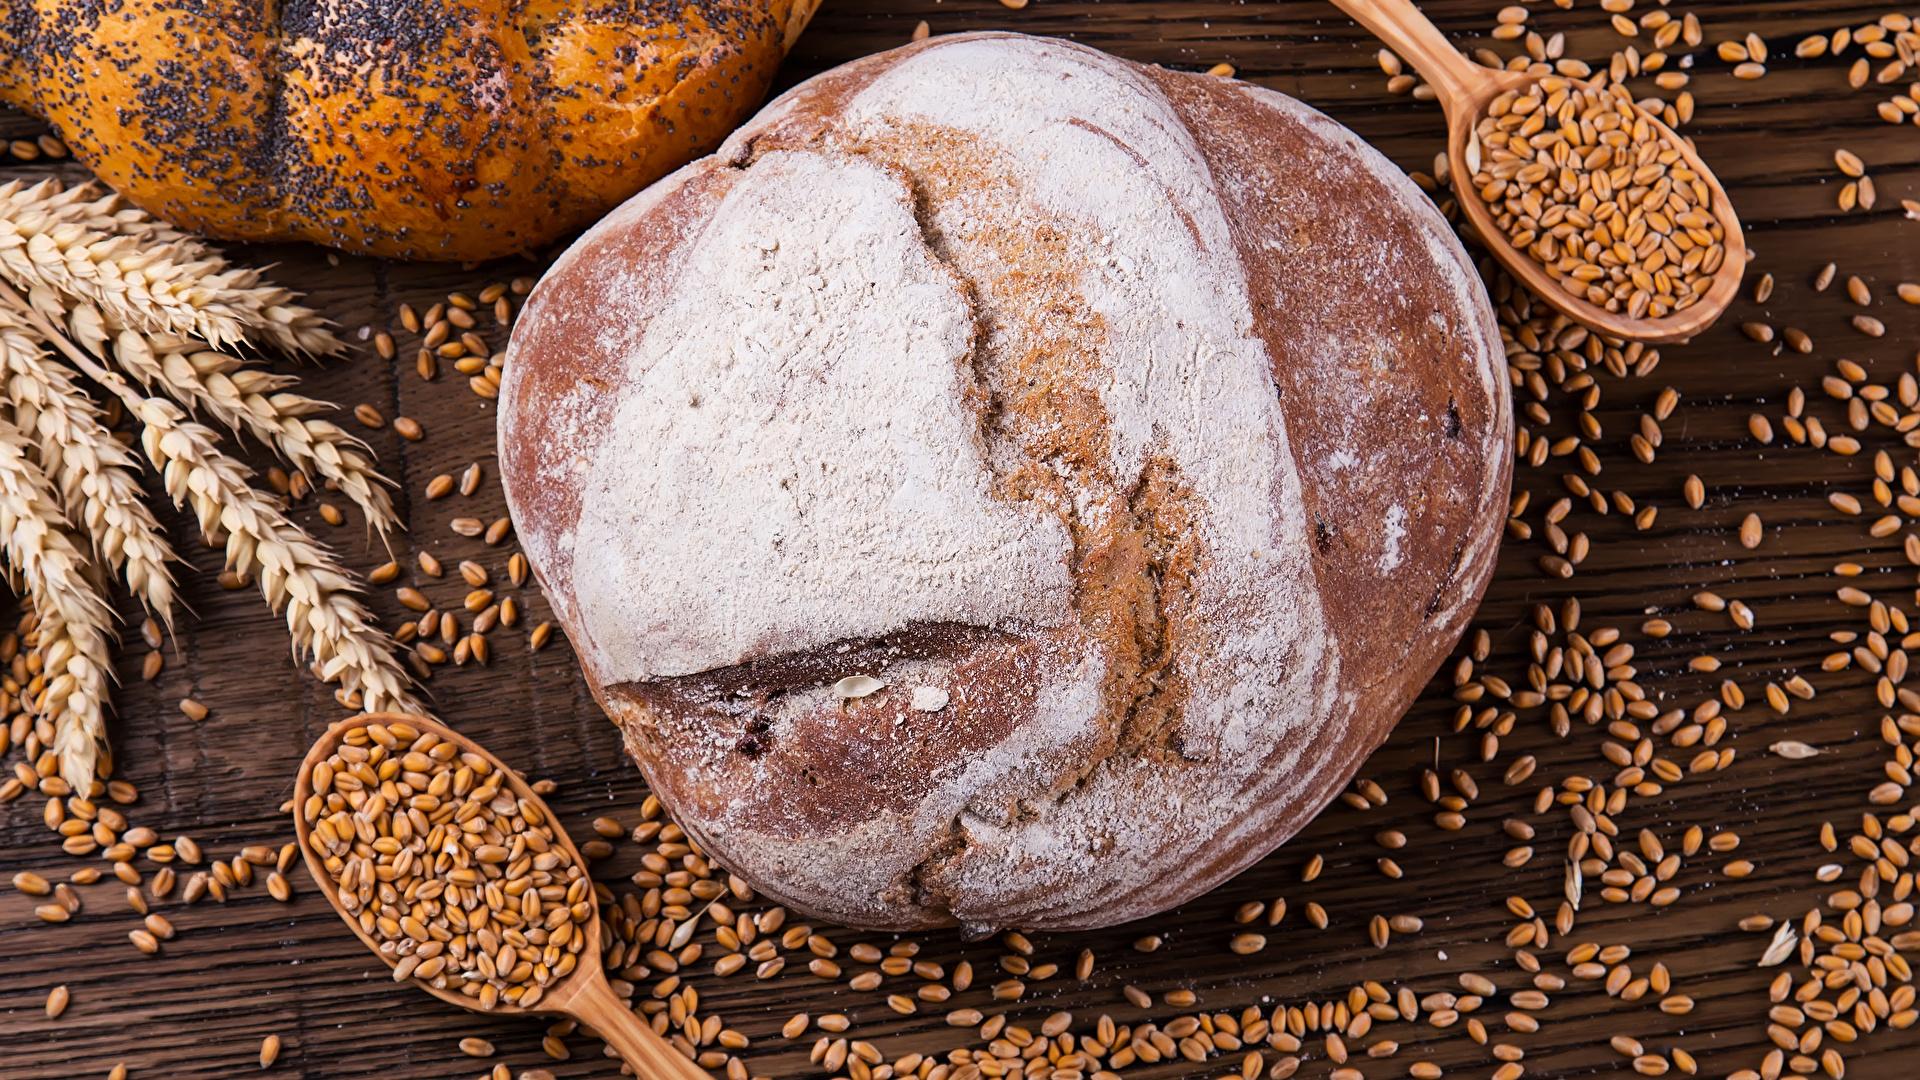 Фото Пшеница Хлеб Зерна Колос Еда ложки Выпечка 1920x1080 зерно Пища Ложка Продукты питания